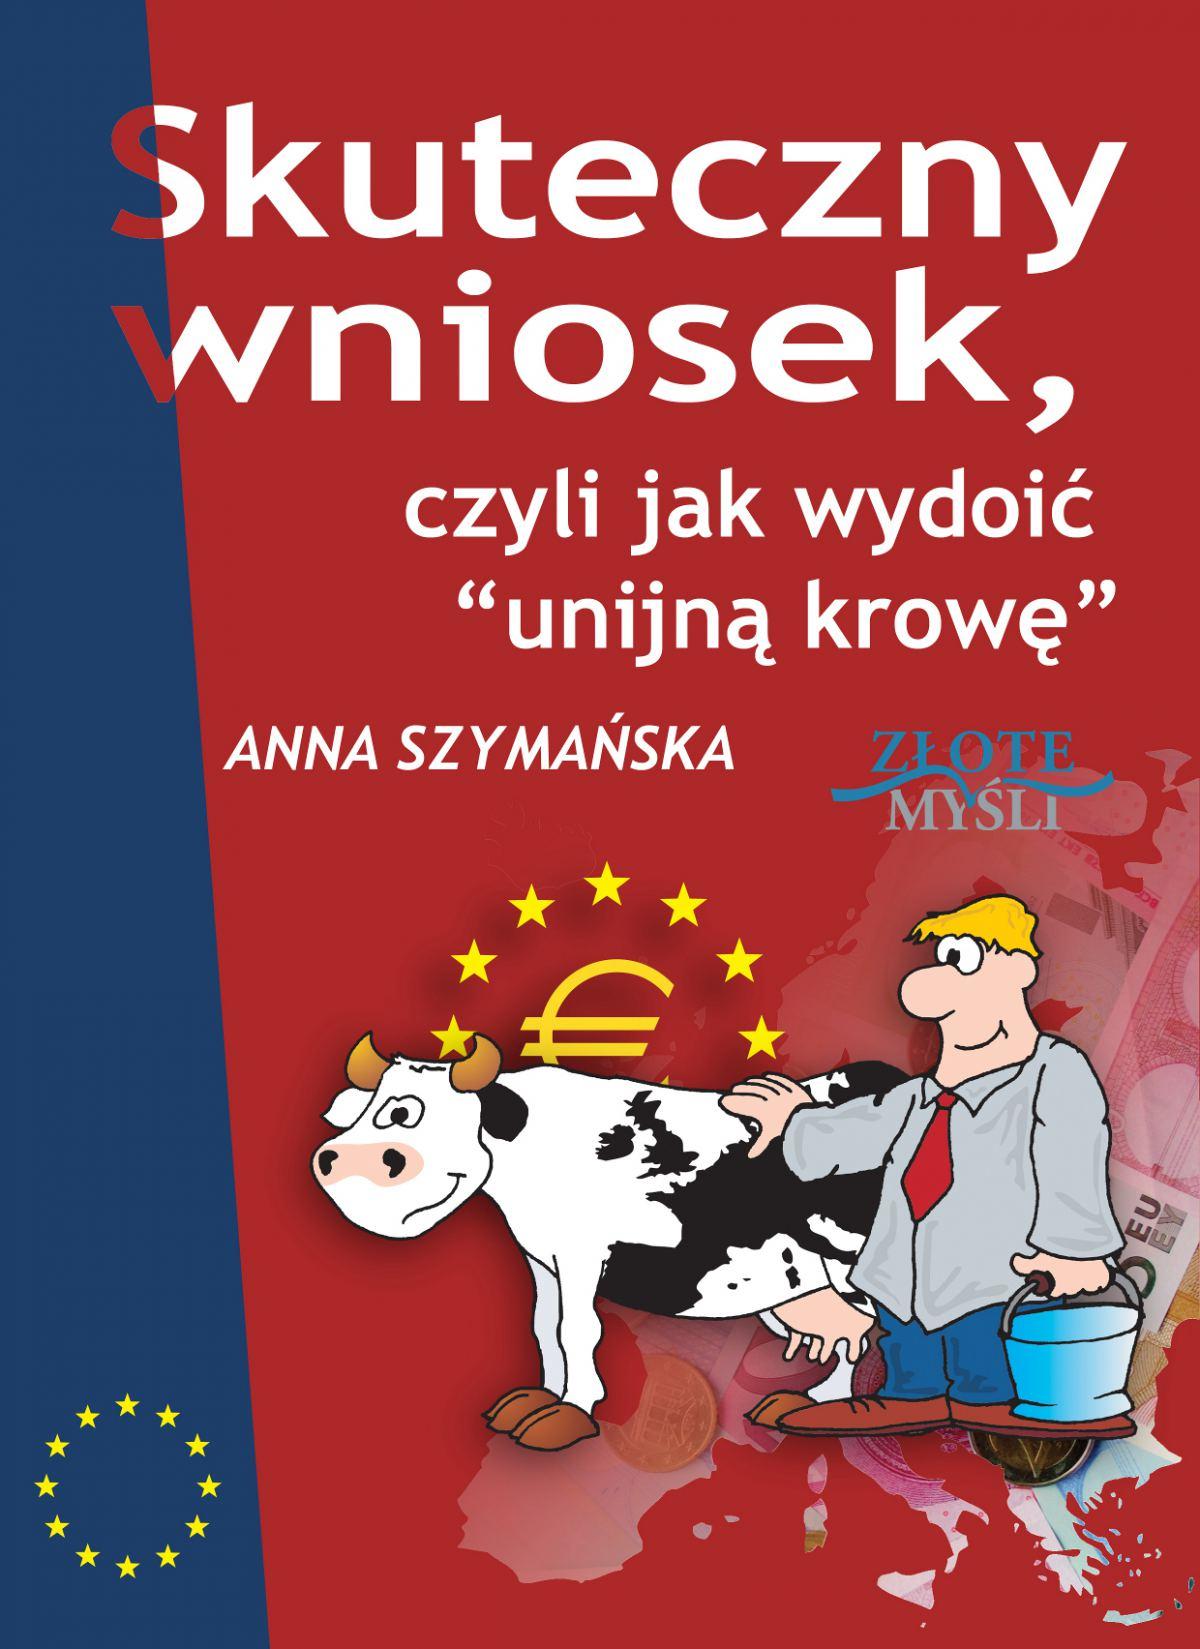 Skuteczny wniosek, czyli jak wydoić unijną krowę - Ebook (Książka PDF) do pobrania w formacie PDF